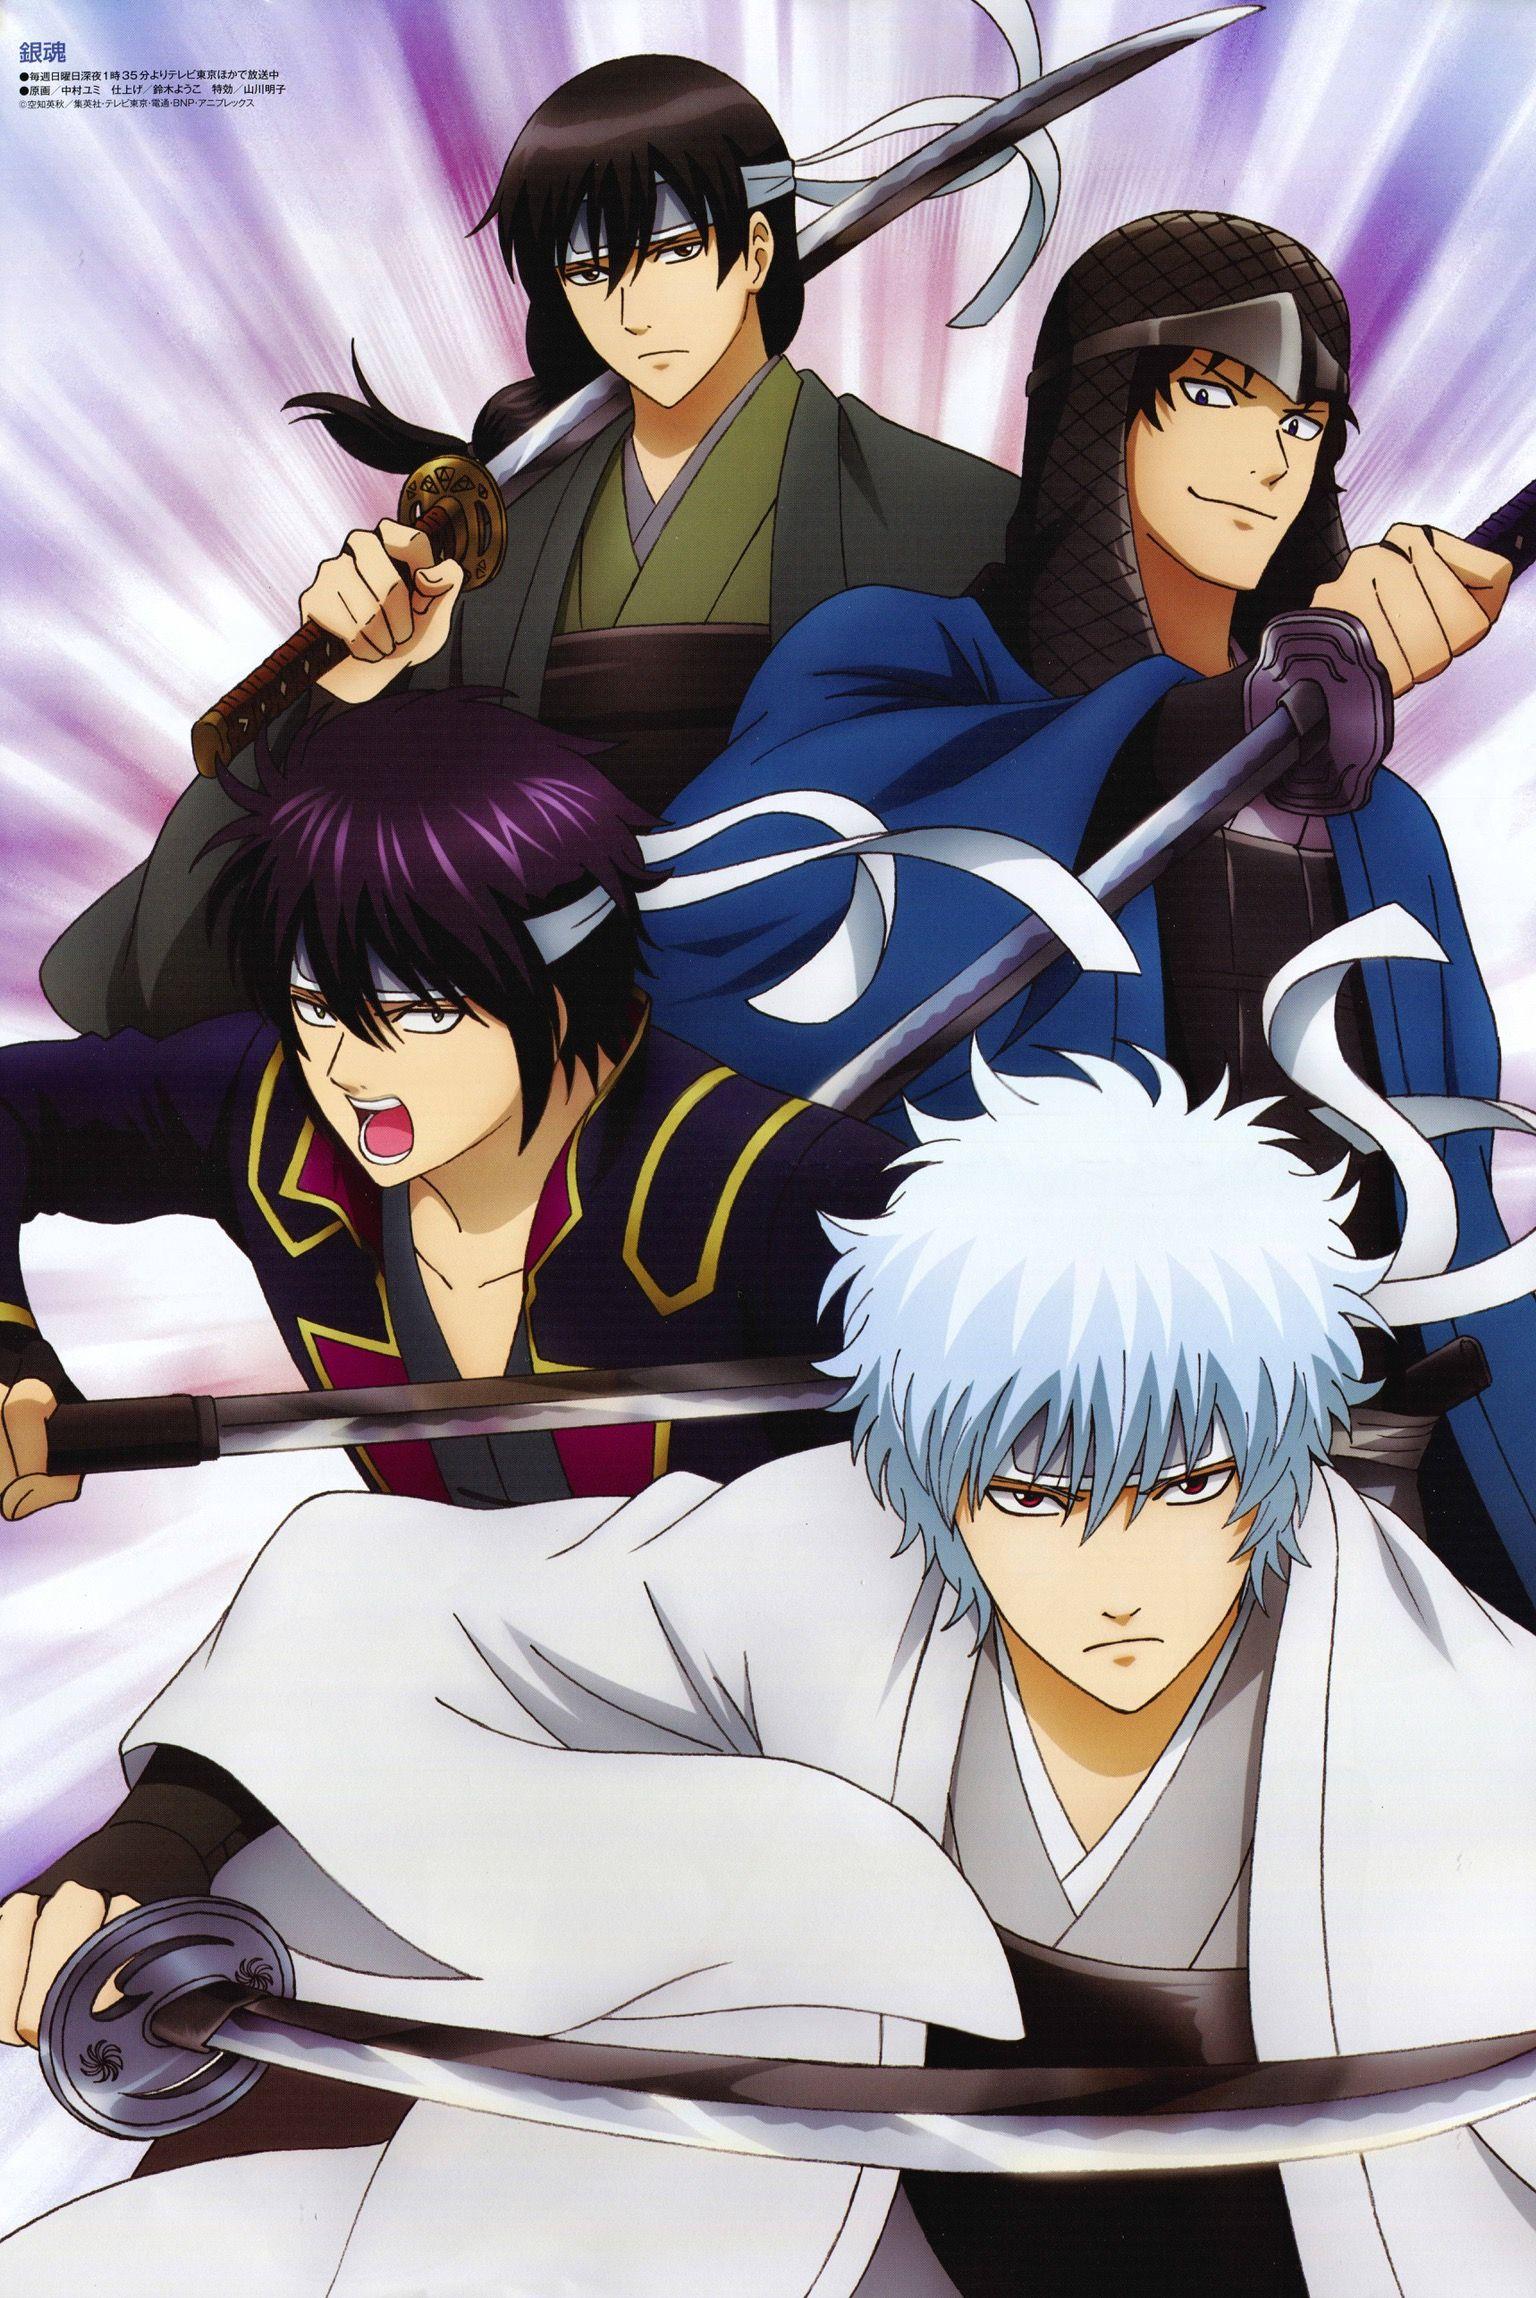 Joui Gintama Image 2193099 Zerochan Anime Image